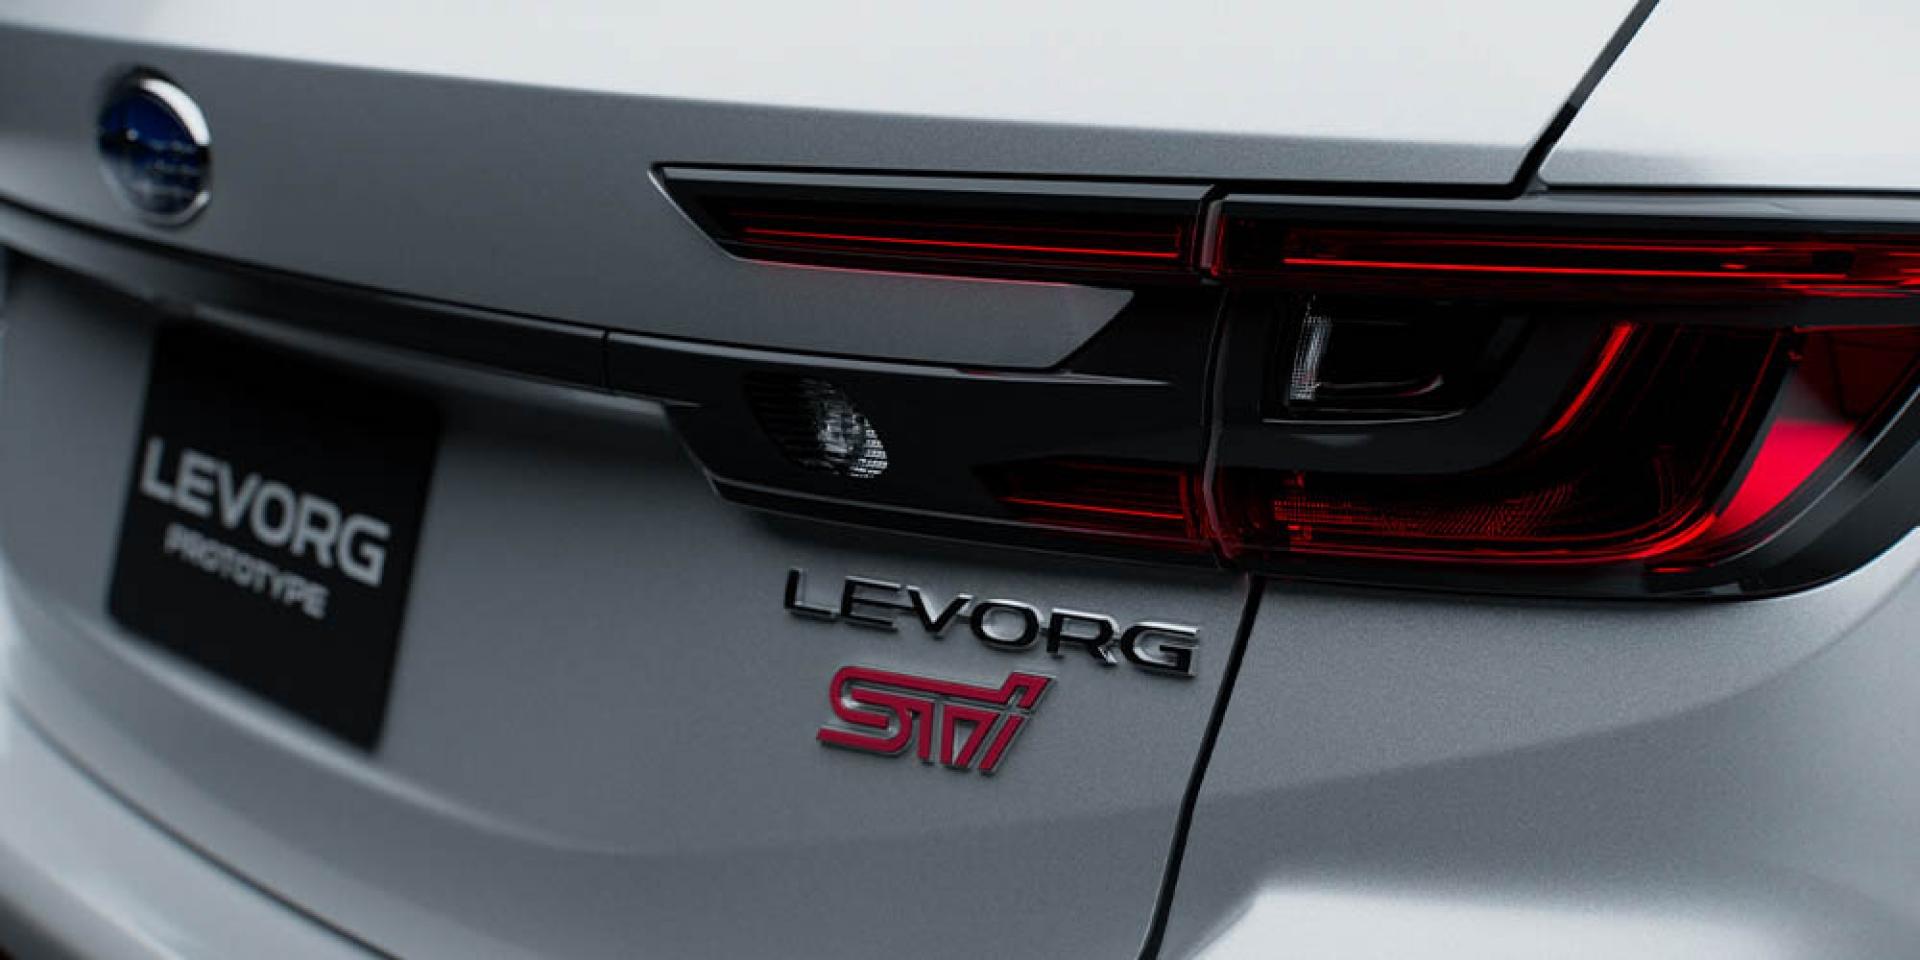 性能好爸爸專屬!Subaru Levorg STI Sport東京改裝車展即將亮相